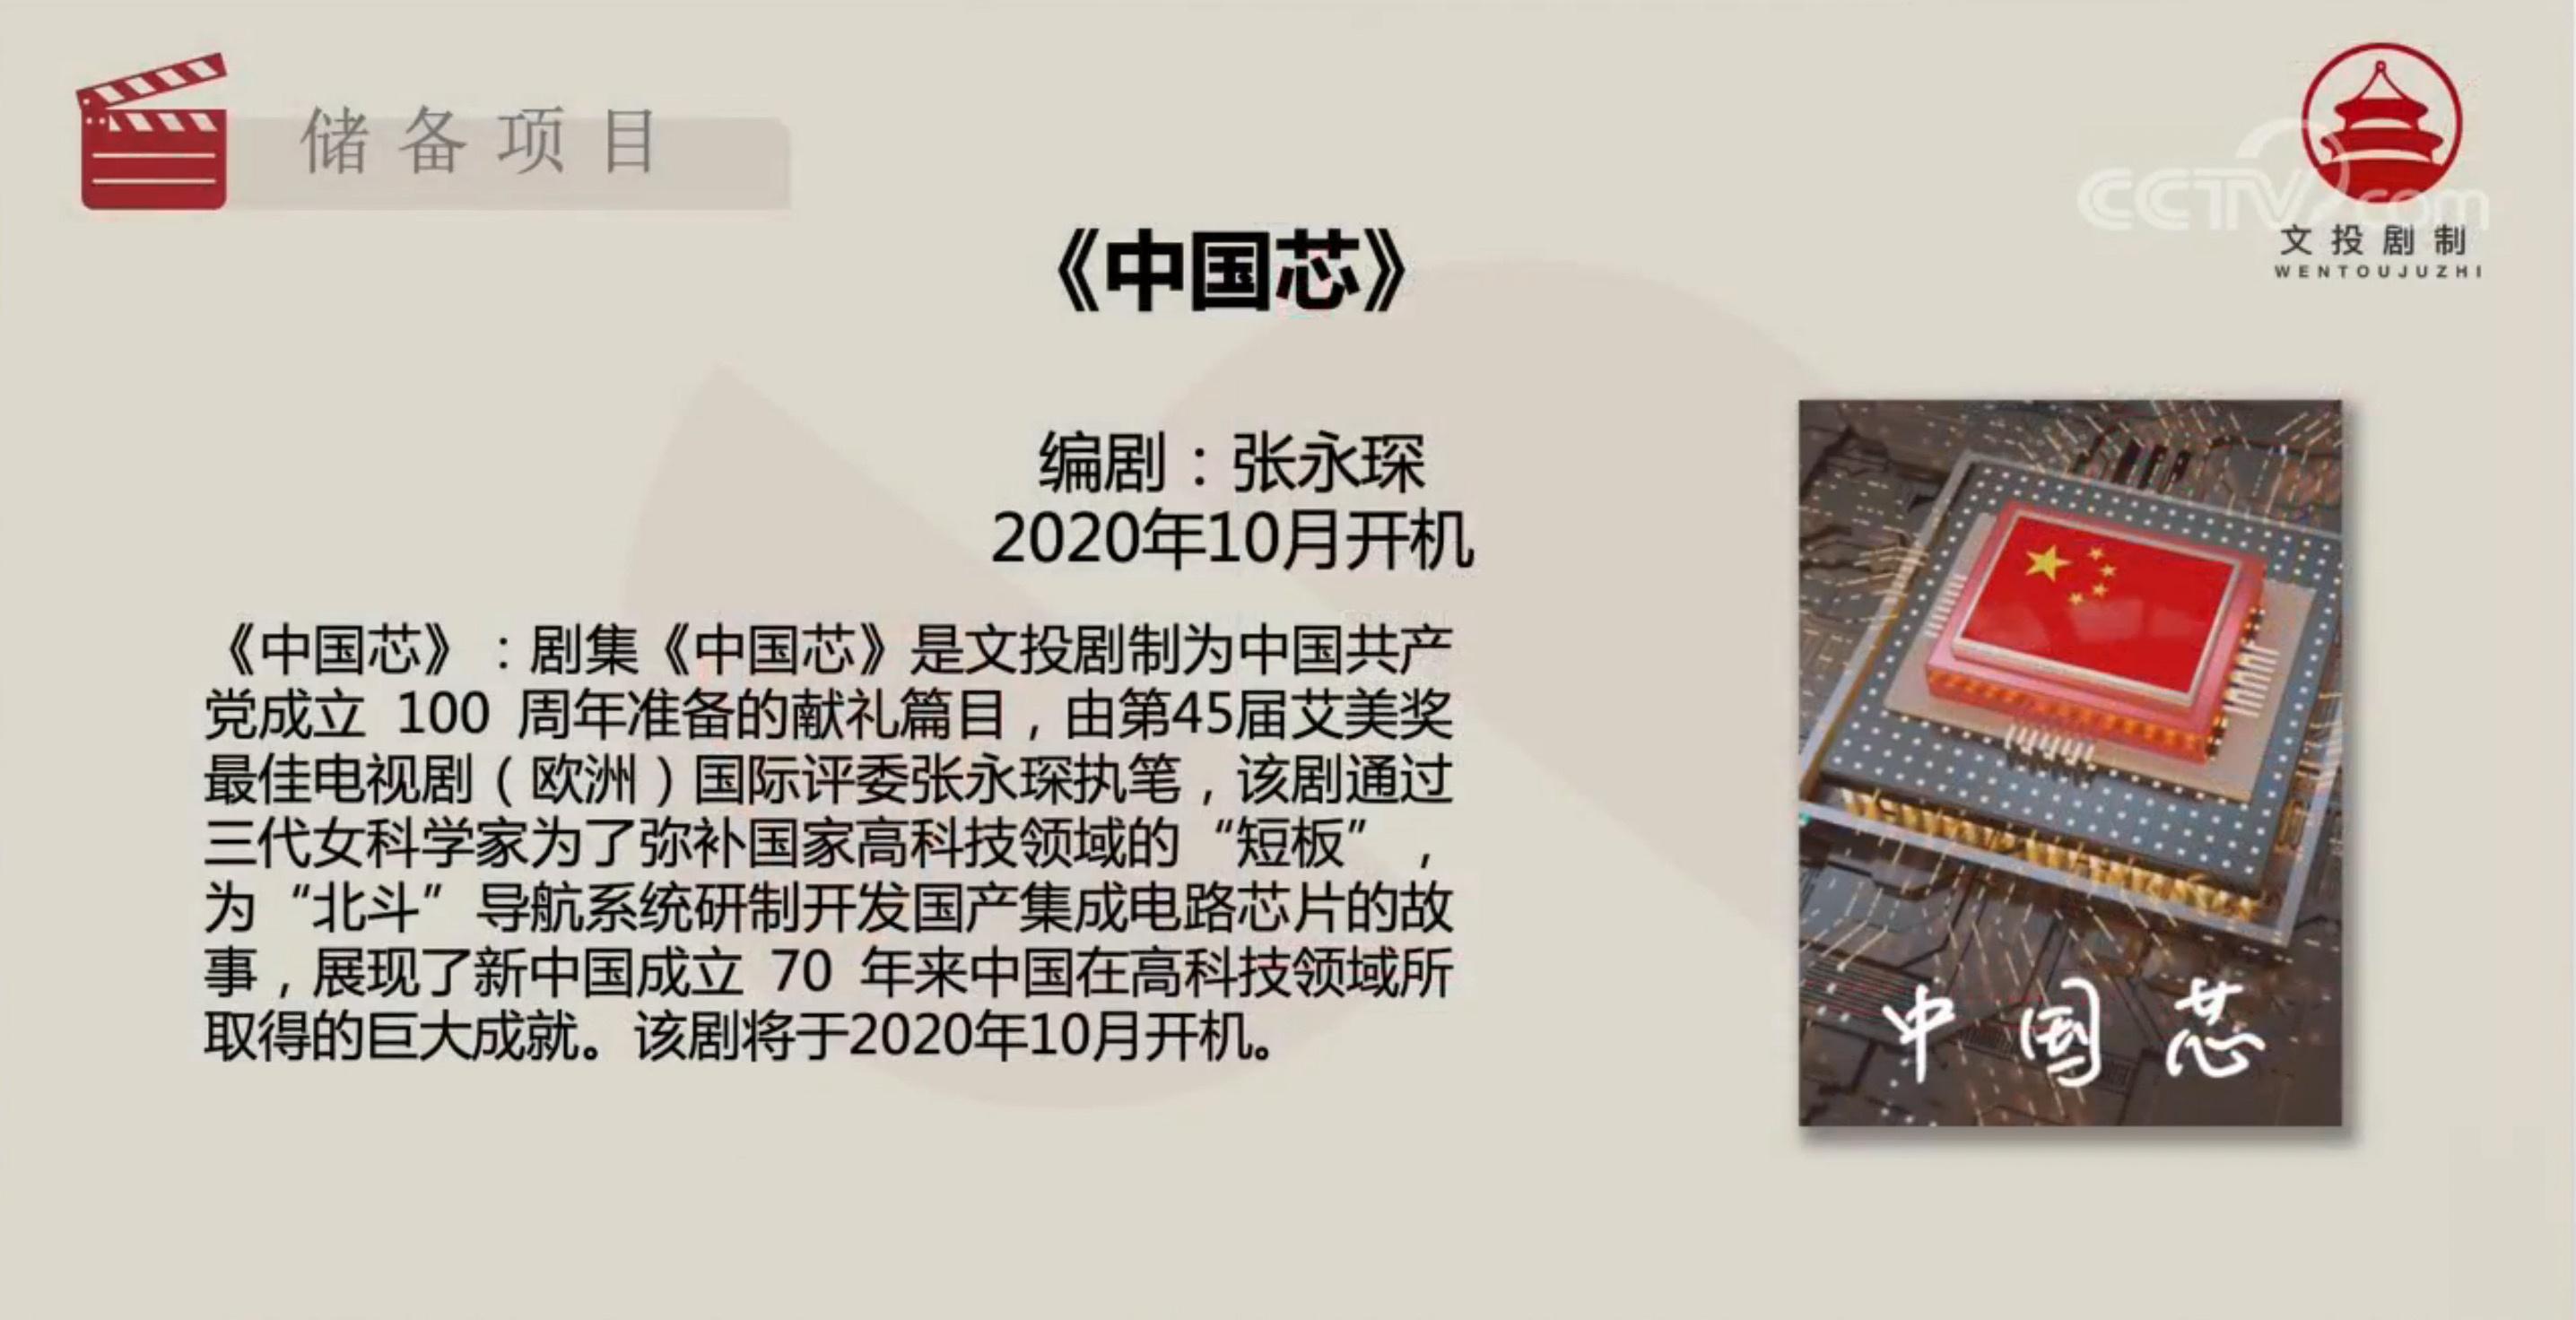 常州考试培训网:阿越小说《新宋》将拍剧 冯绍峰新作献礼建党百年 第4张